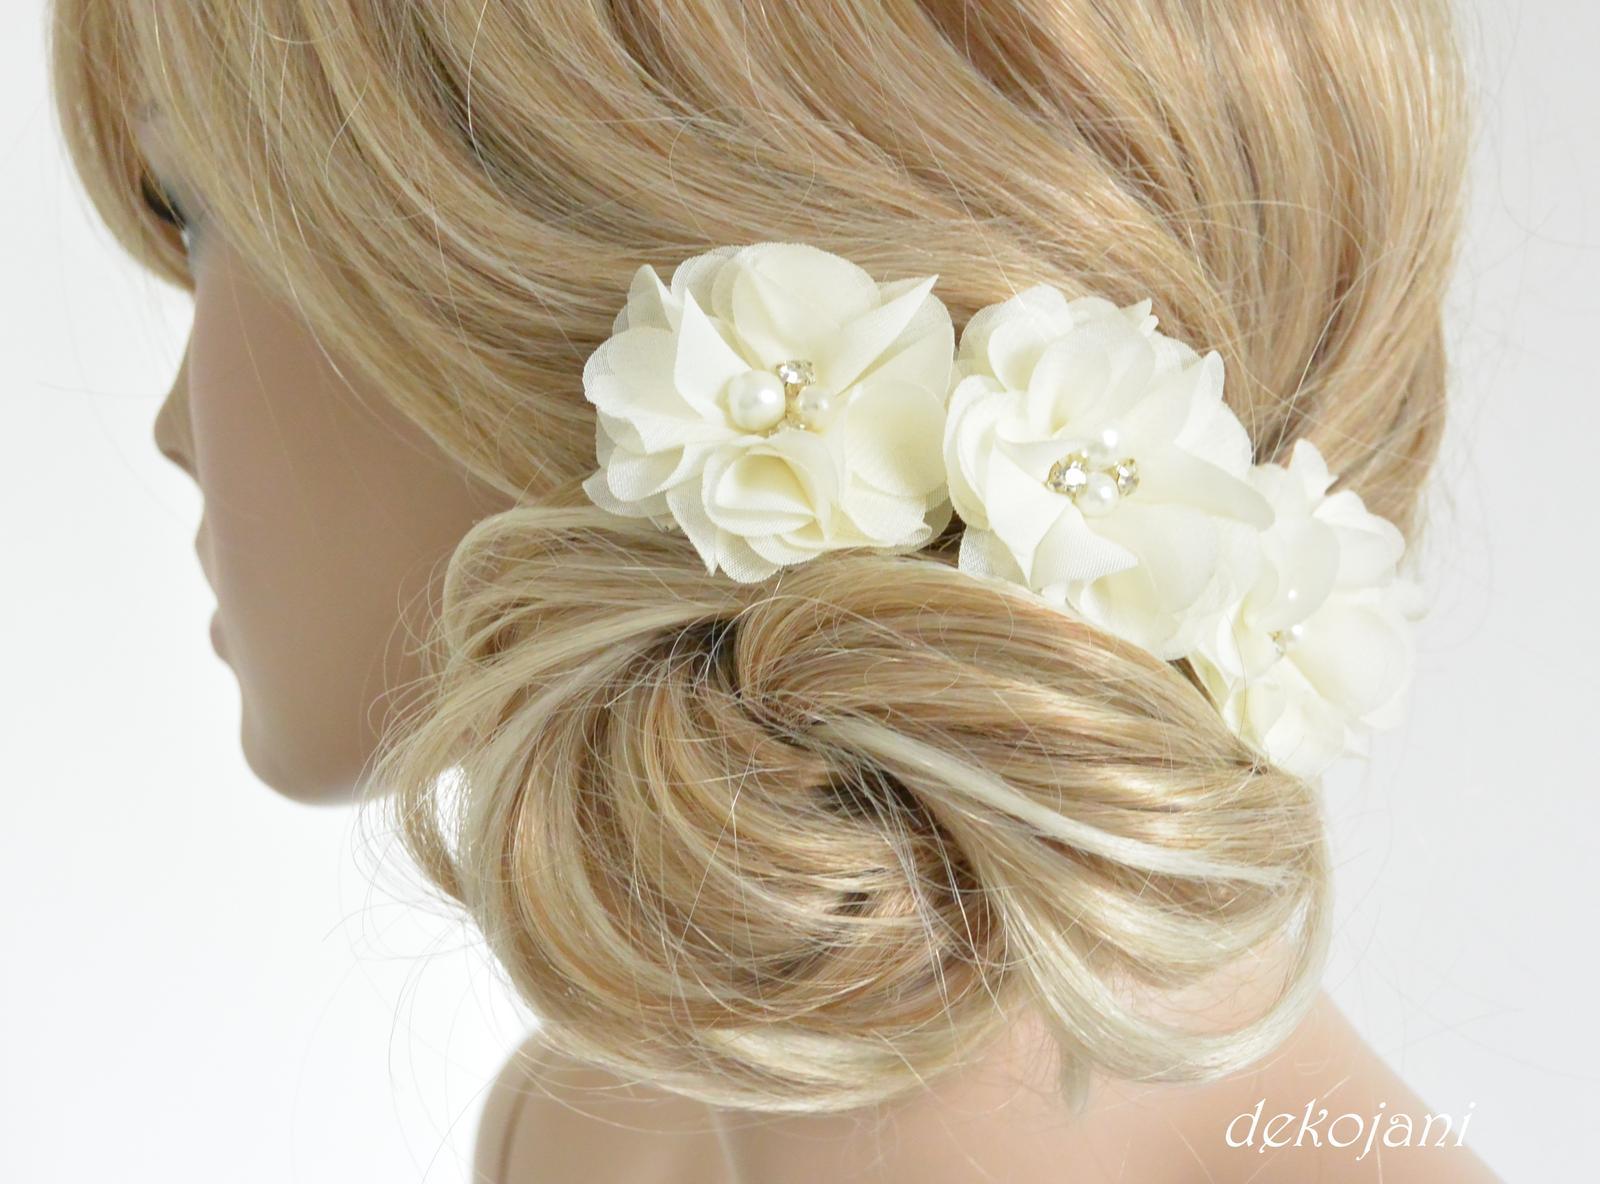 Čelenky, květiny do vlasů, náramky, obojek pro pejska... - Obrázek č. 6